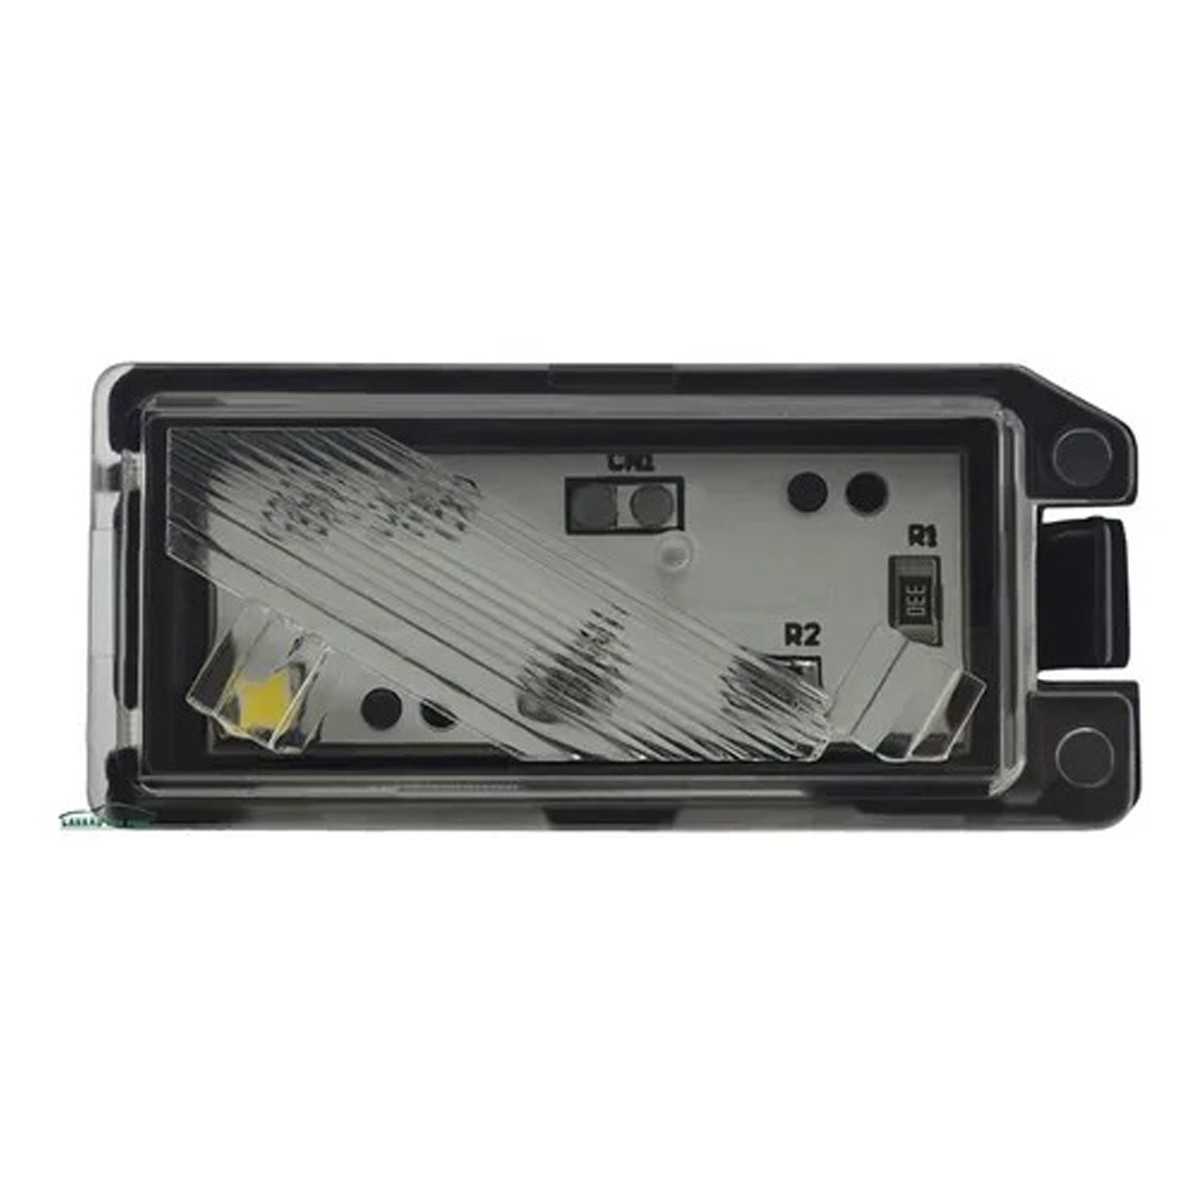 Lanterna Placa Fiat 500 Conector Quadrado